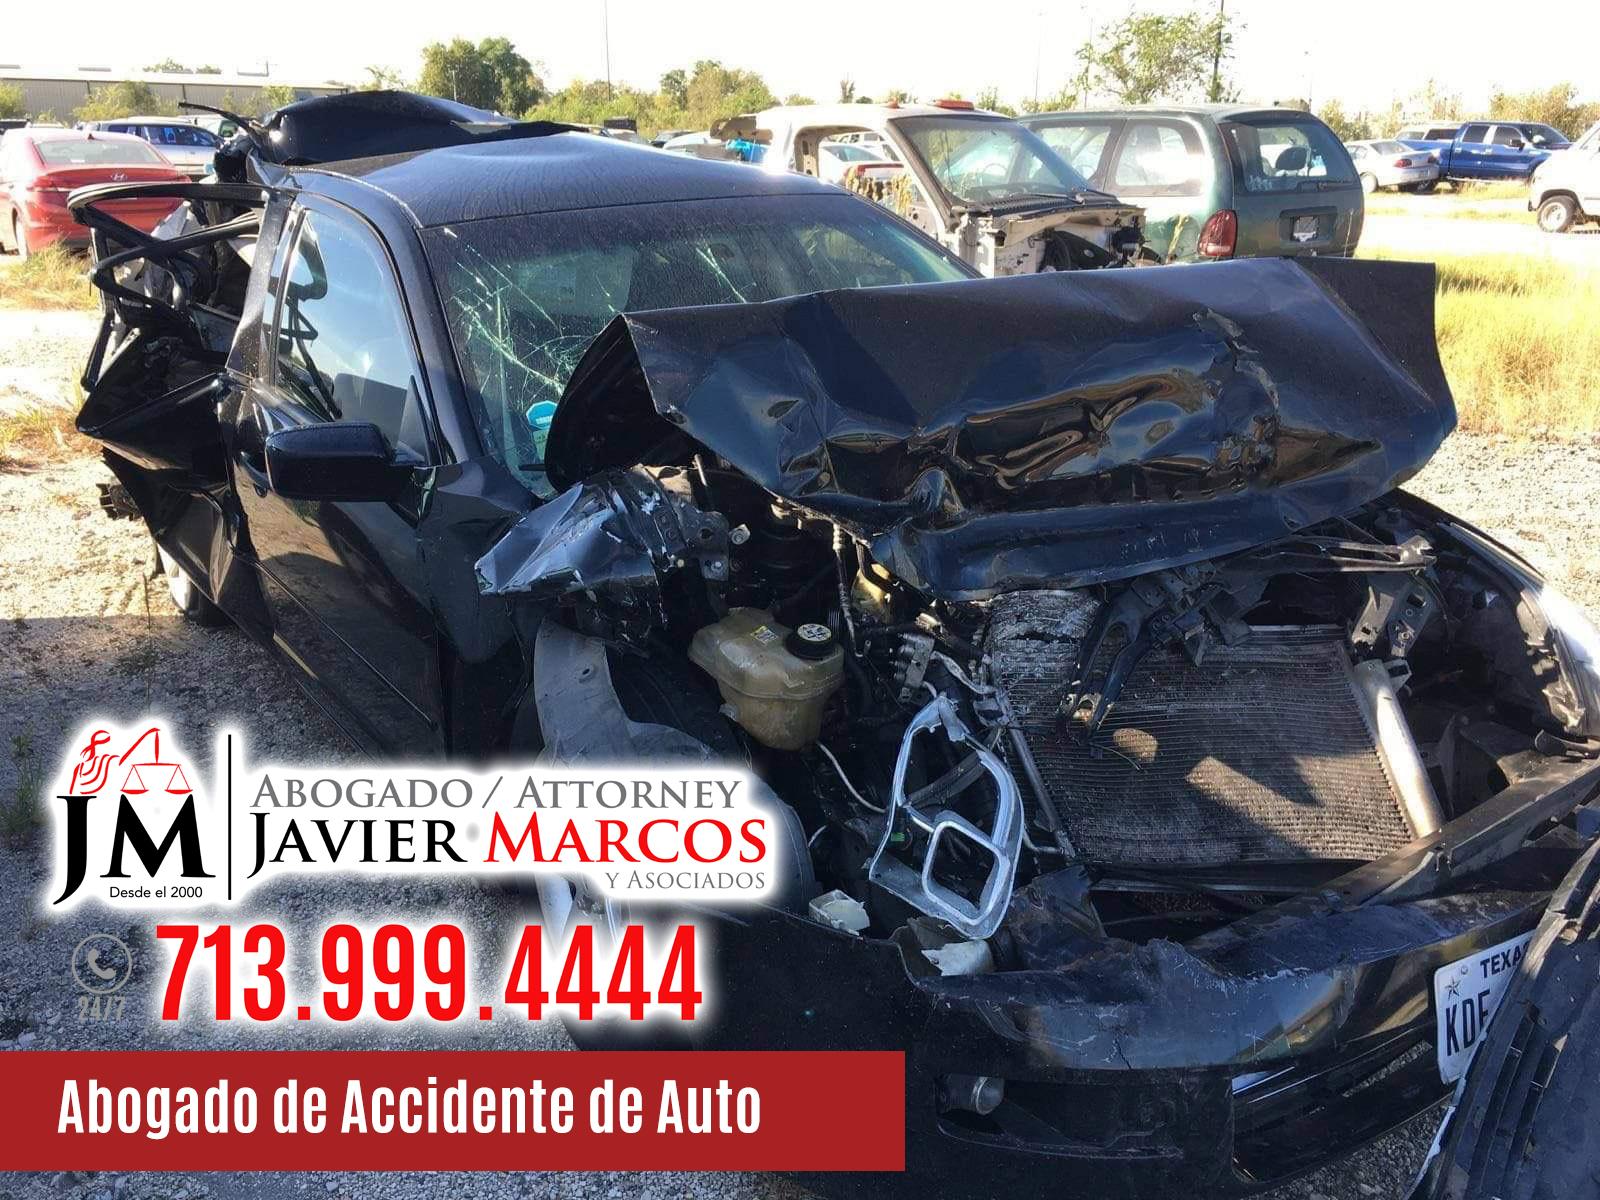 Abogado de Accidente de Auto   Abogado Javier Marcos